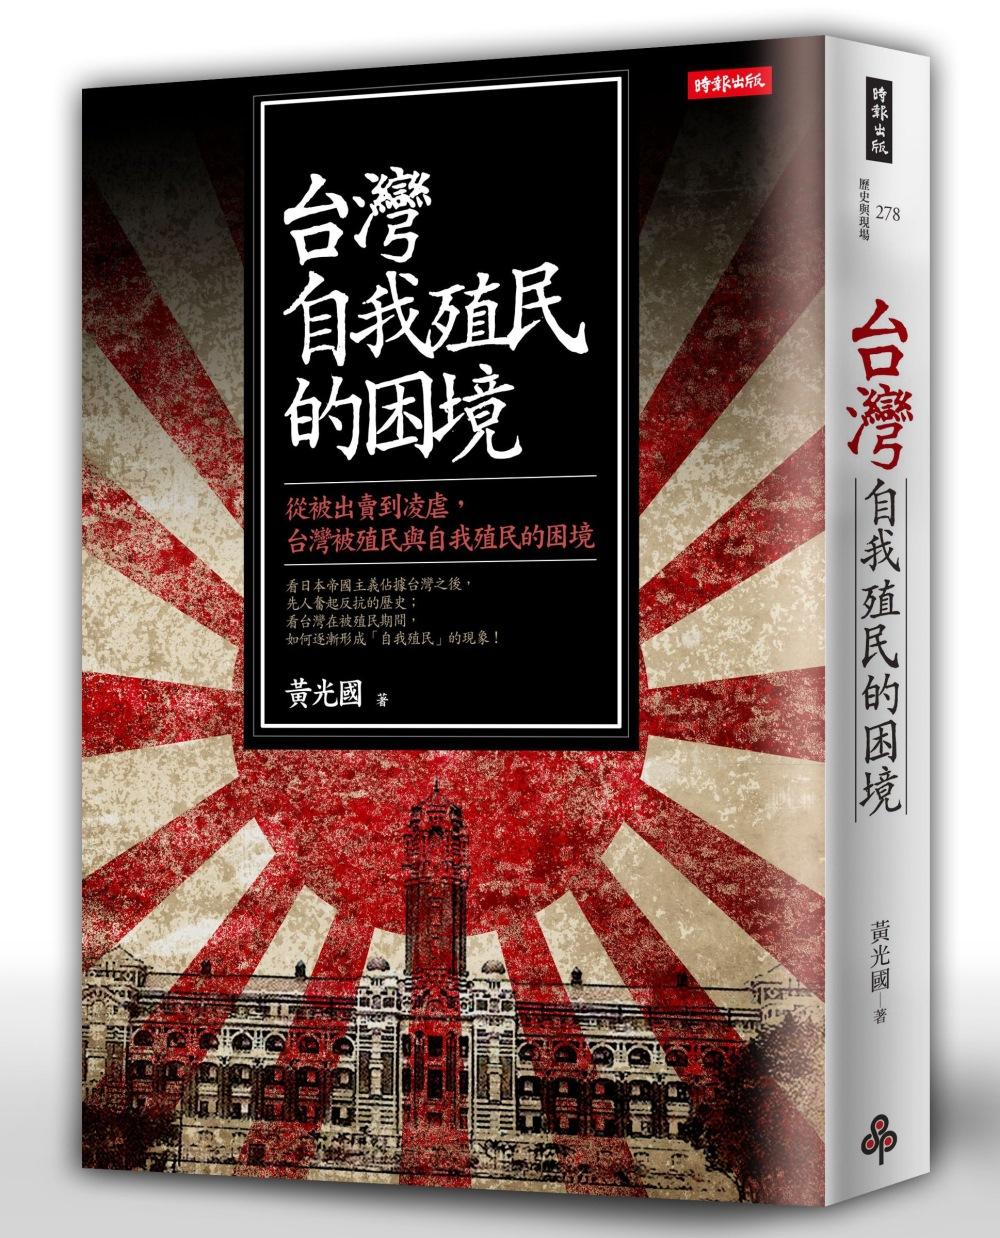 台灣自我殖民的困...